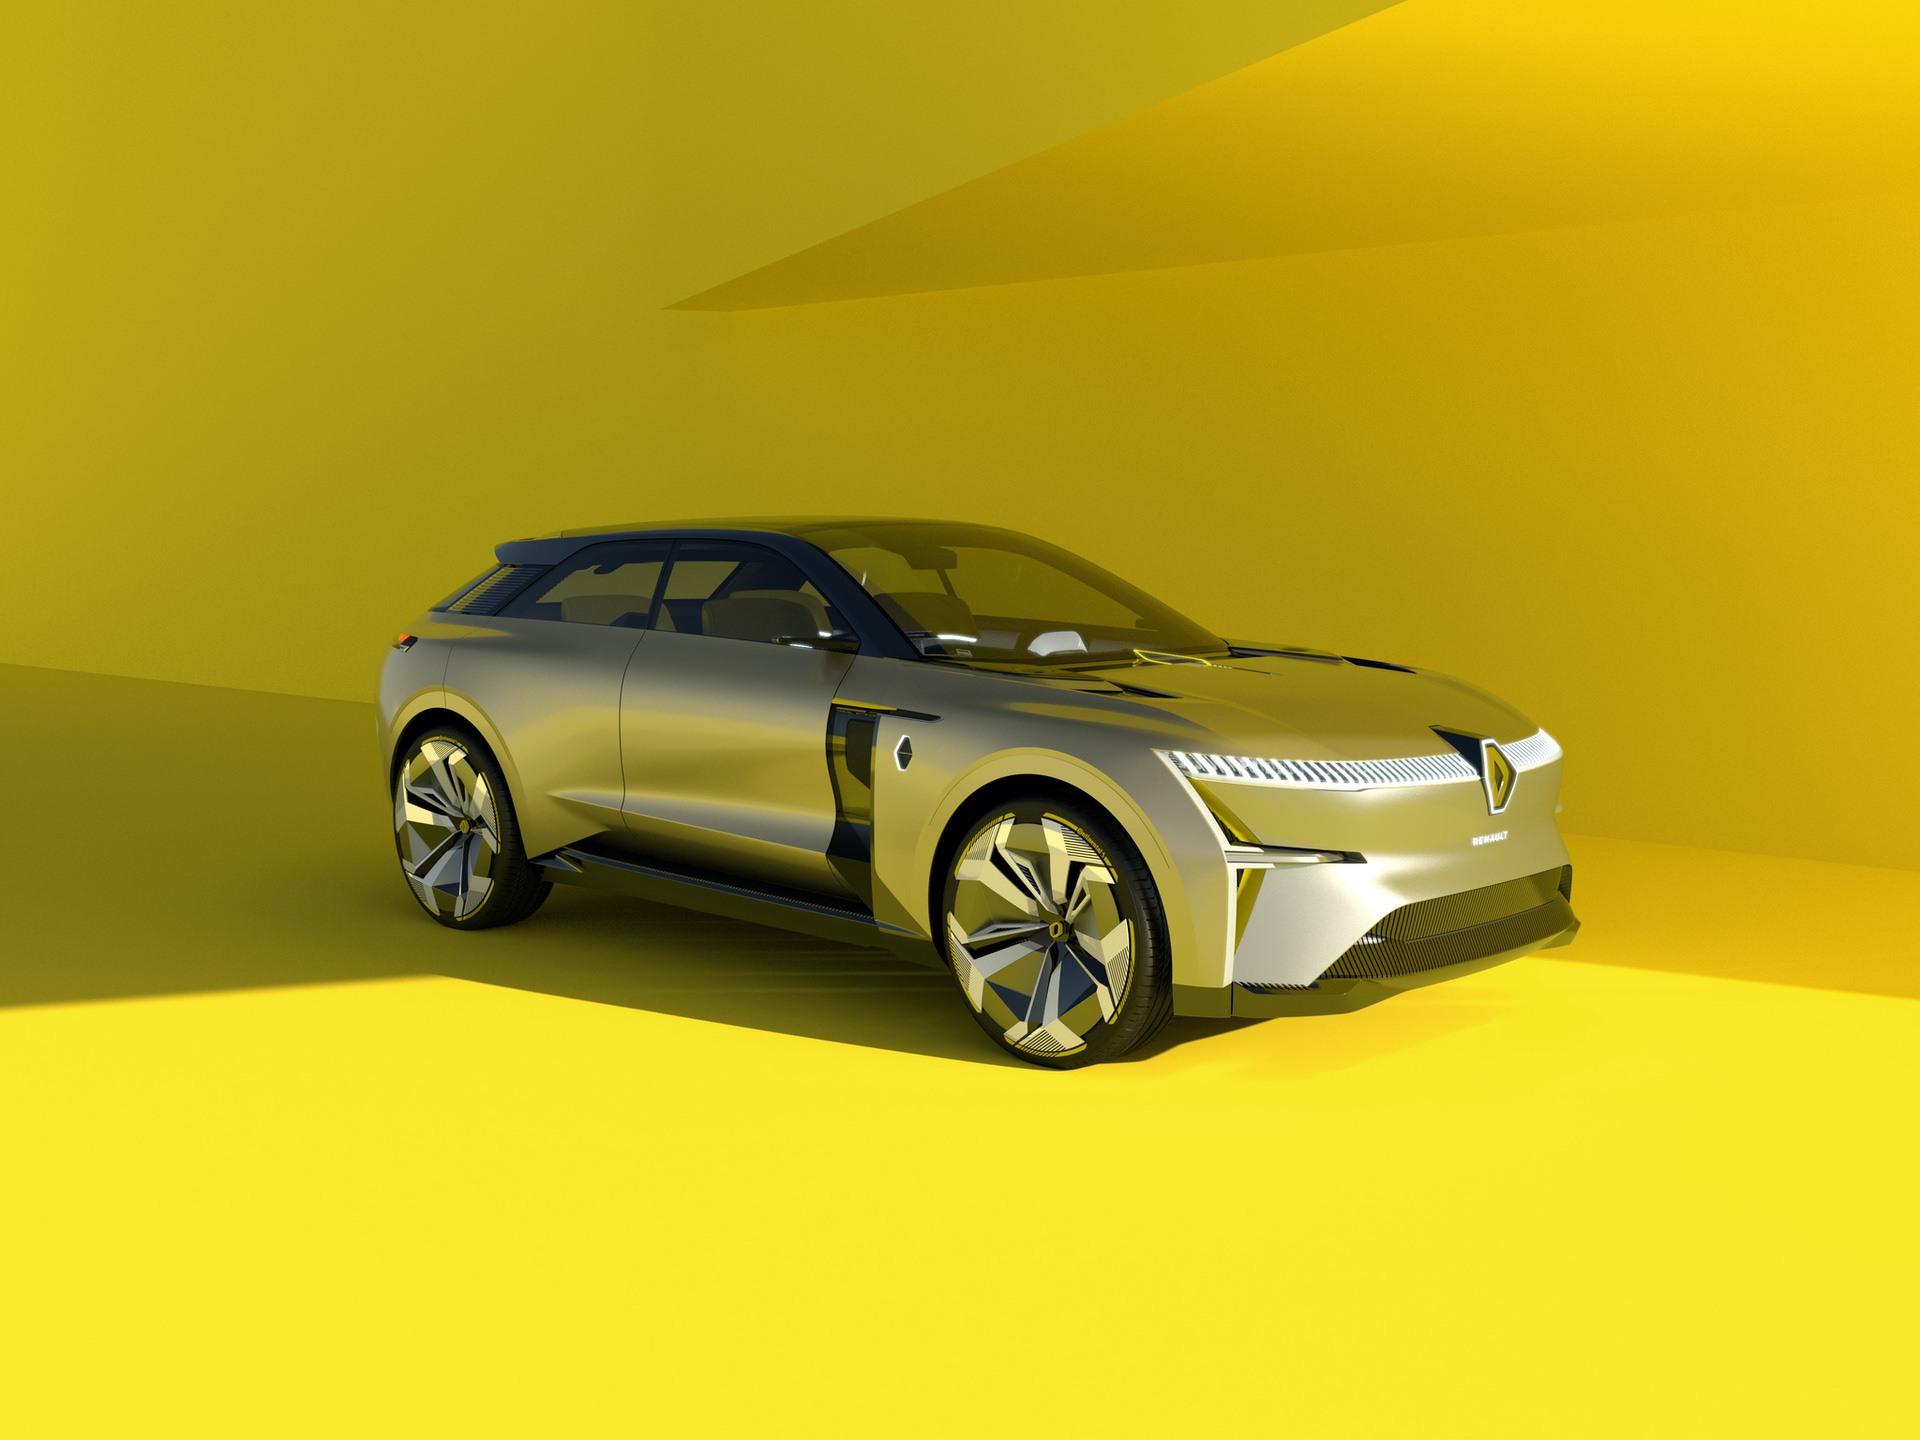 Renault_Morphoz_concept_0011